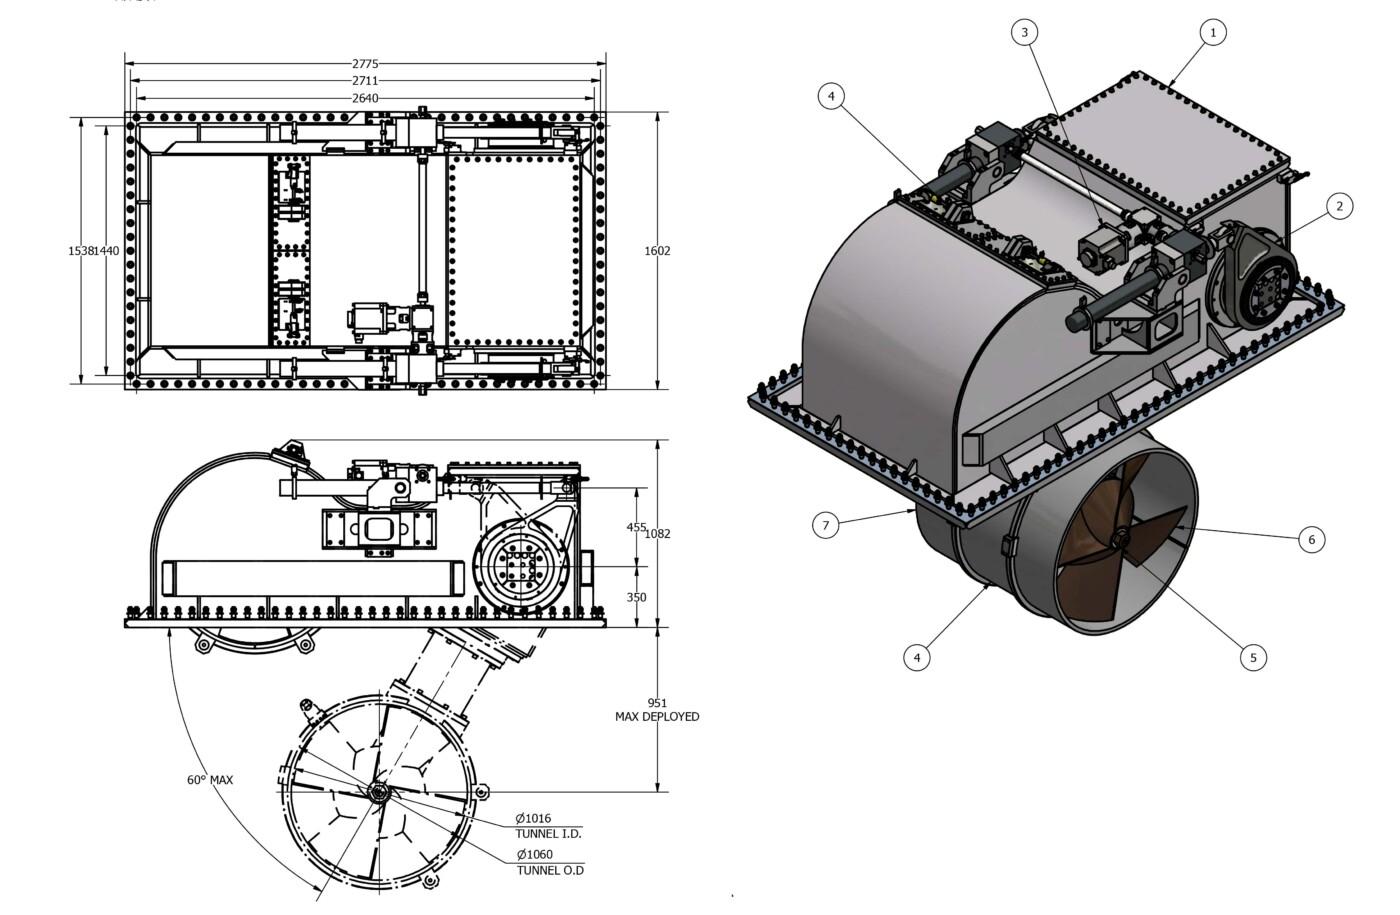 OME-Tunnel-Thruster-E-250-T